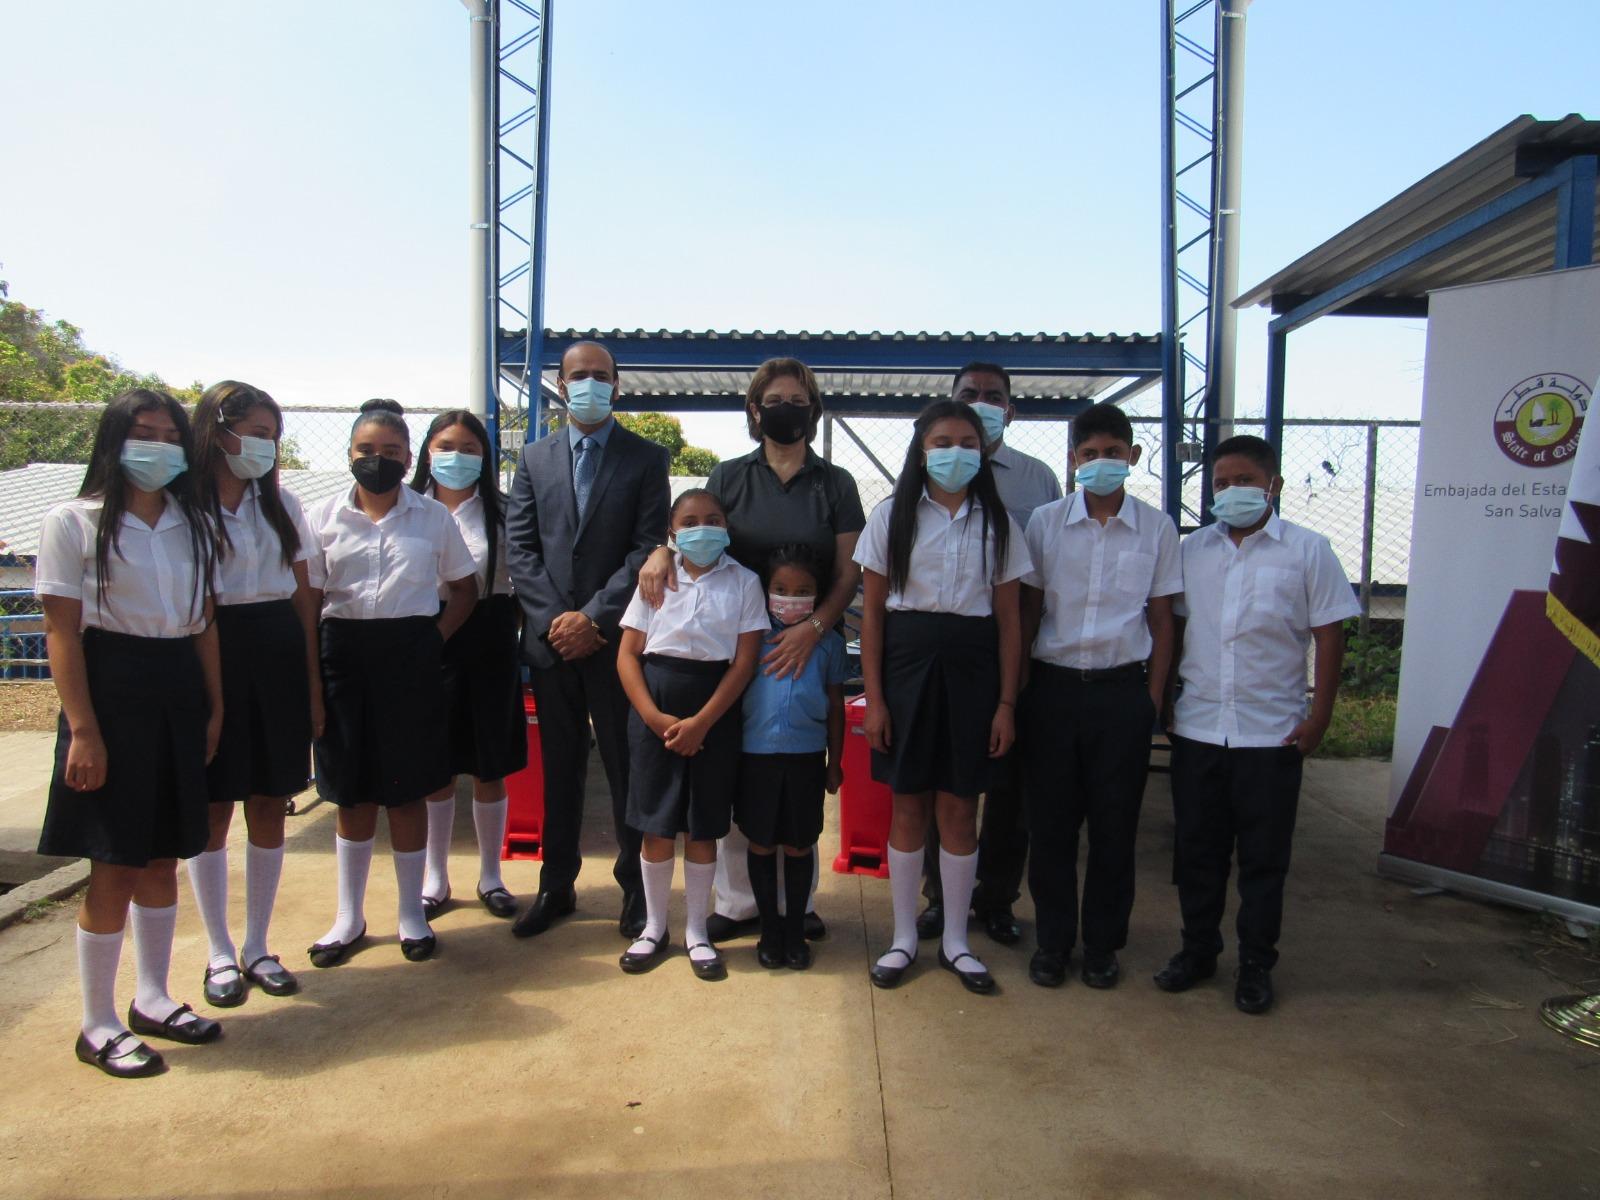 افتتاح مدرسة بالسلفادور بدعم من دولة قطر